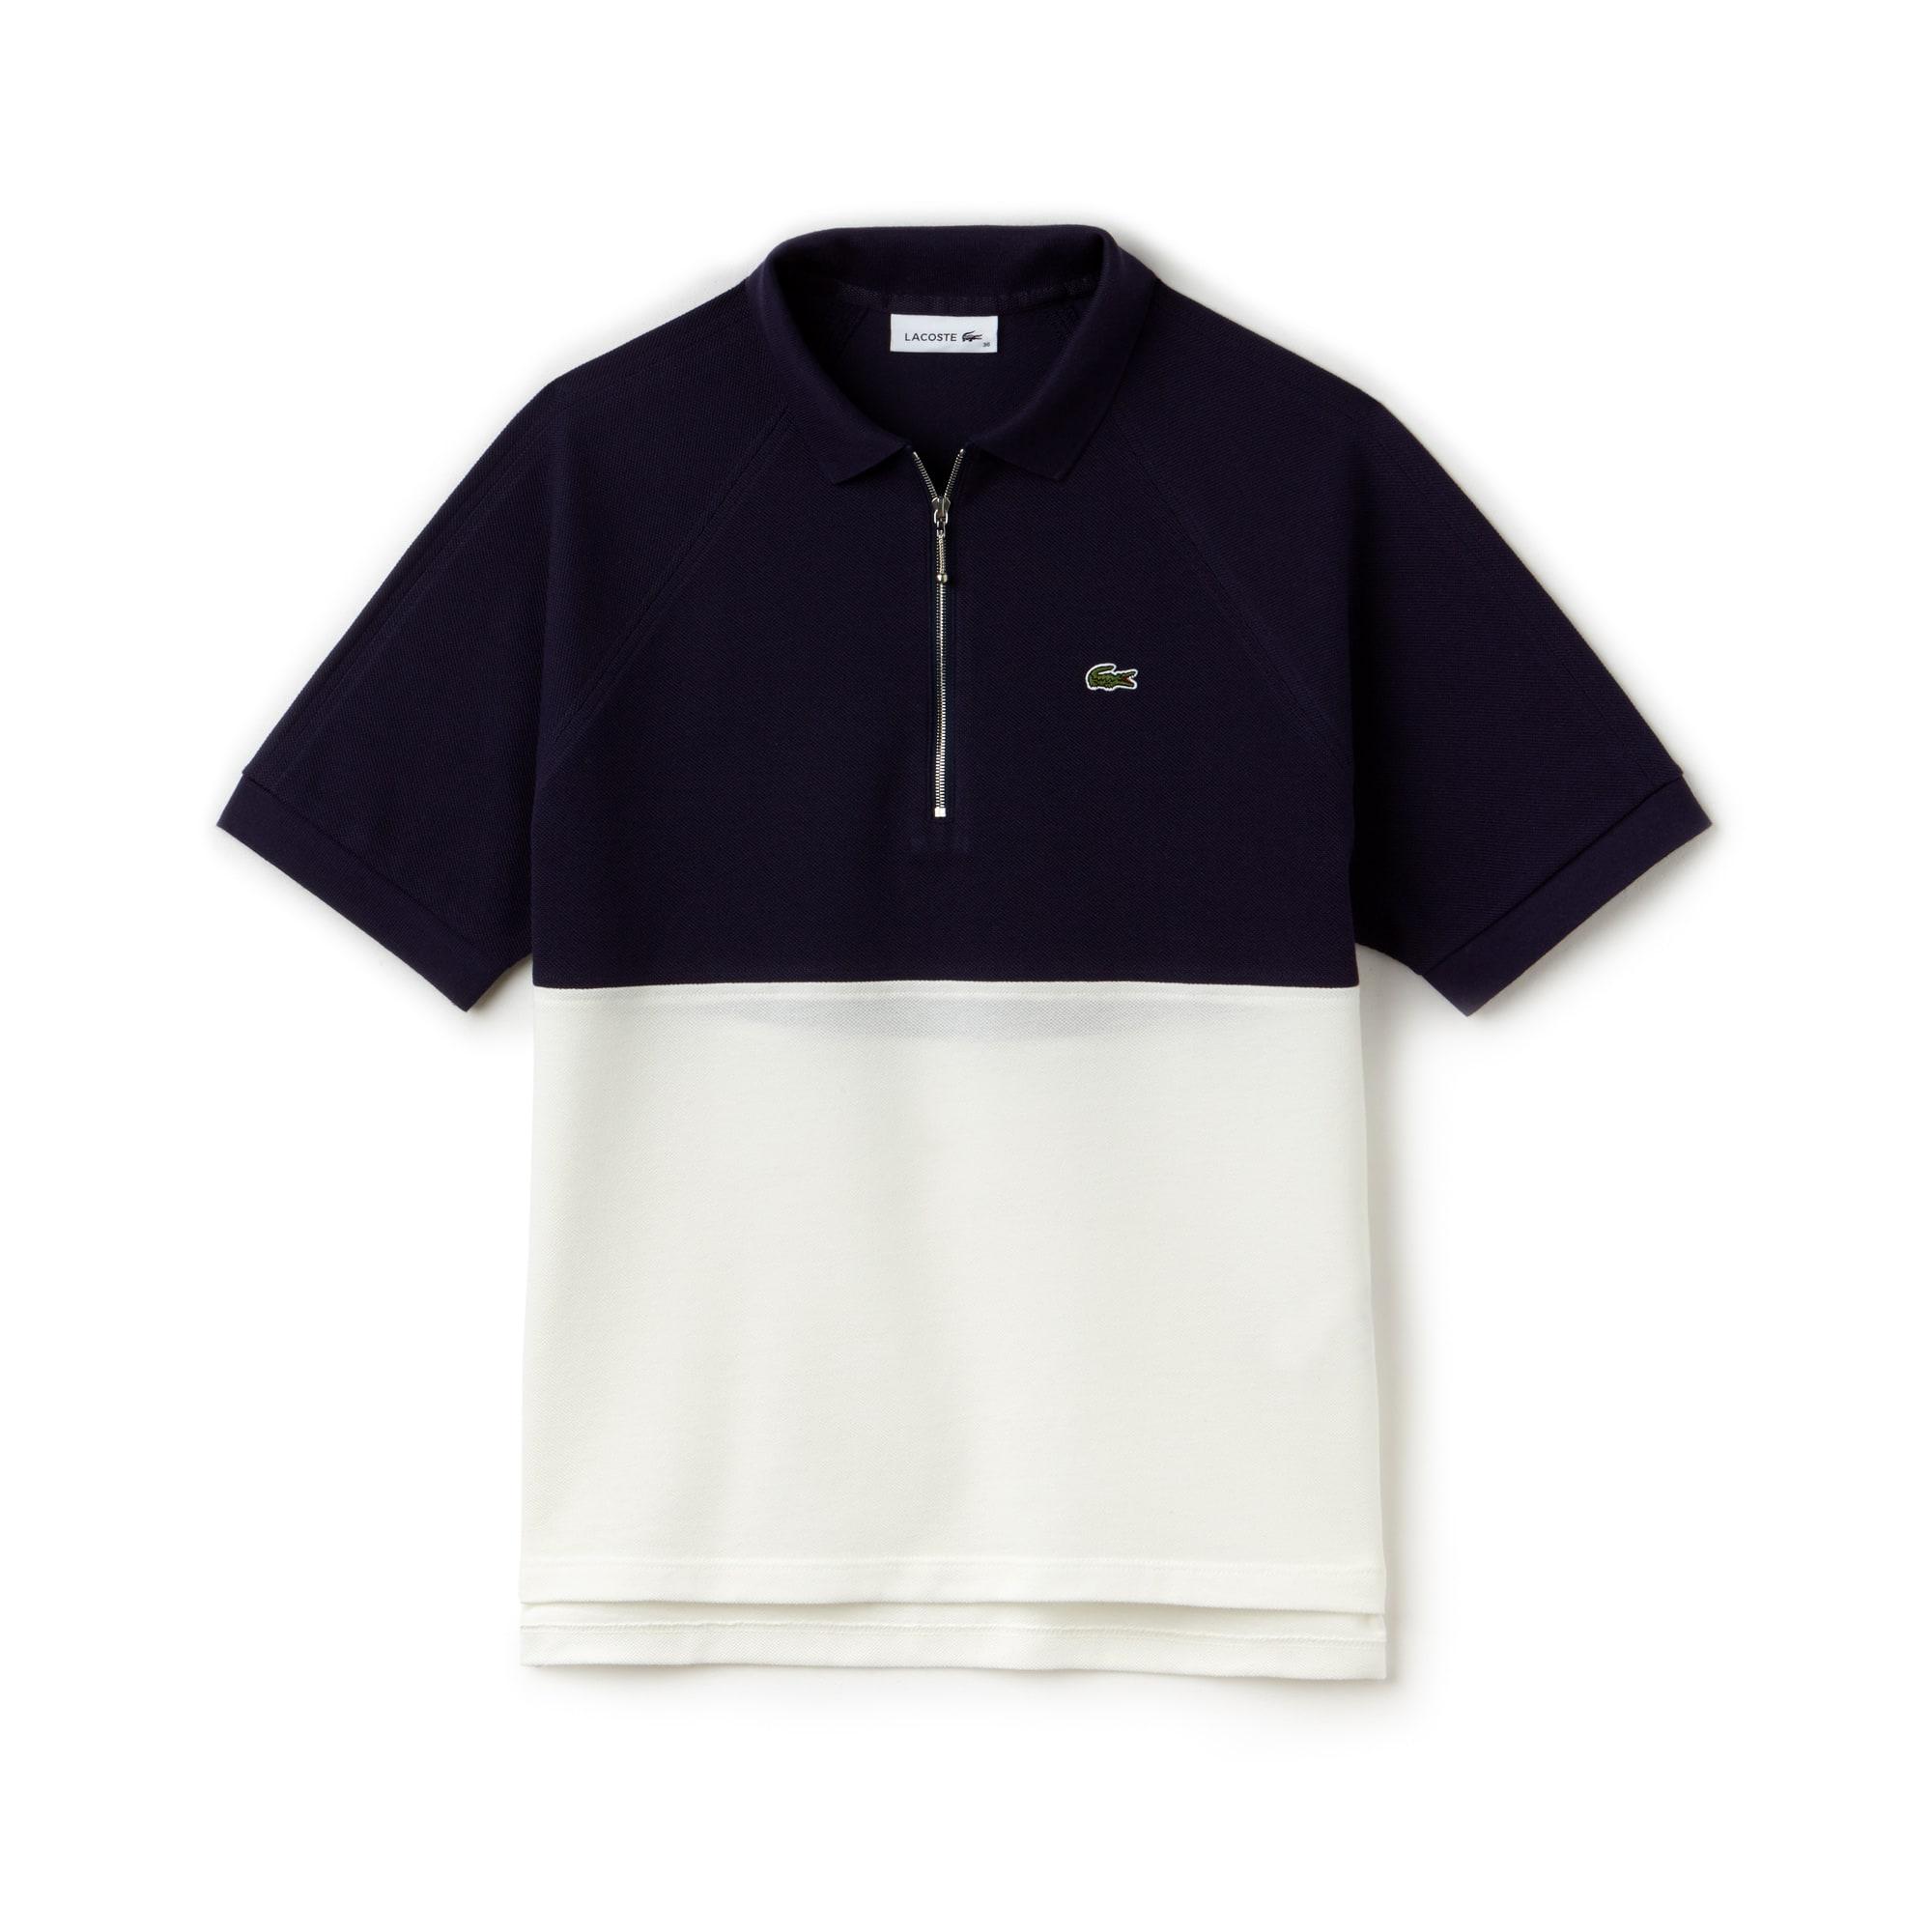 Slim Fit Damen Petit Piqué Poloshirt mit Colorblock-Design